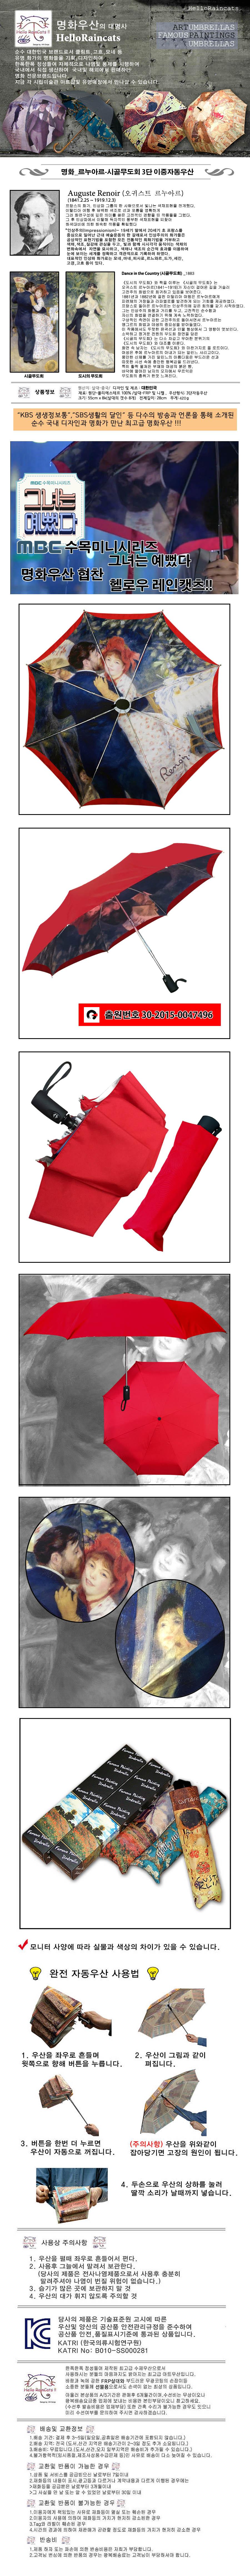 명화_르누아르-시골무도회 3단 이중자동우산 - 헬로우래인캣, 44,000원, 우산, 자동3단/5단우산